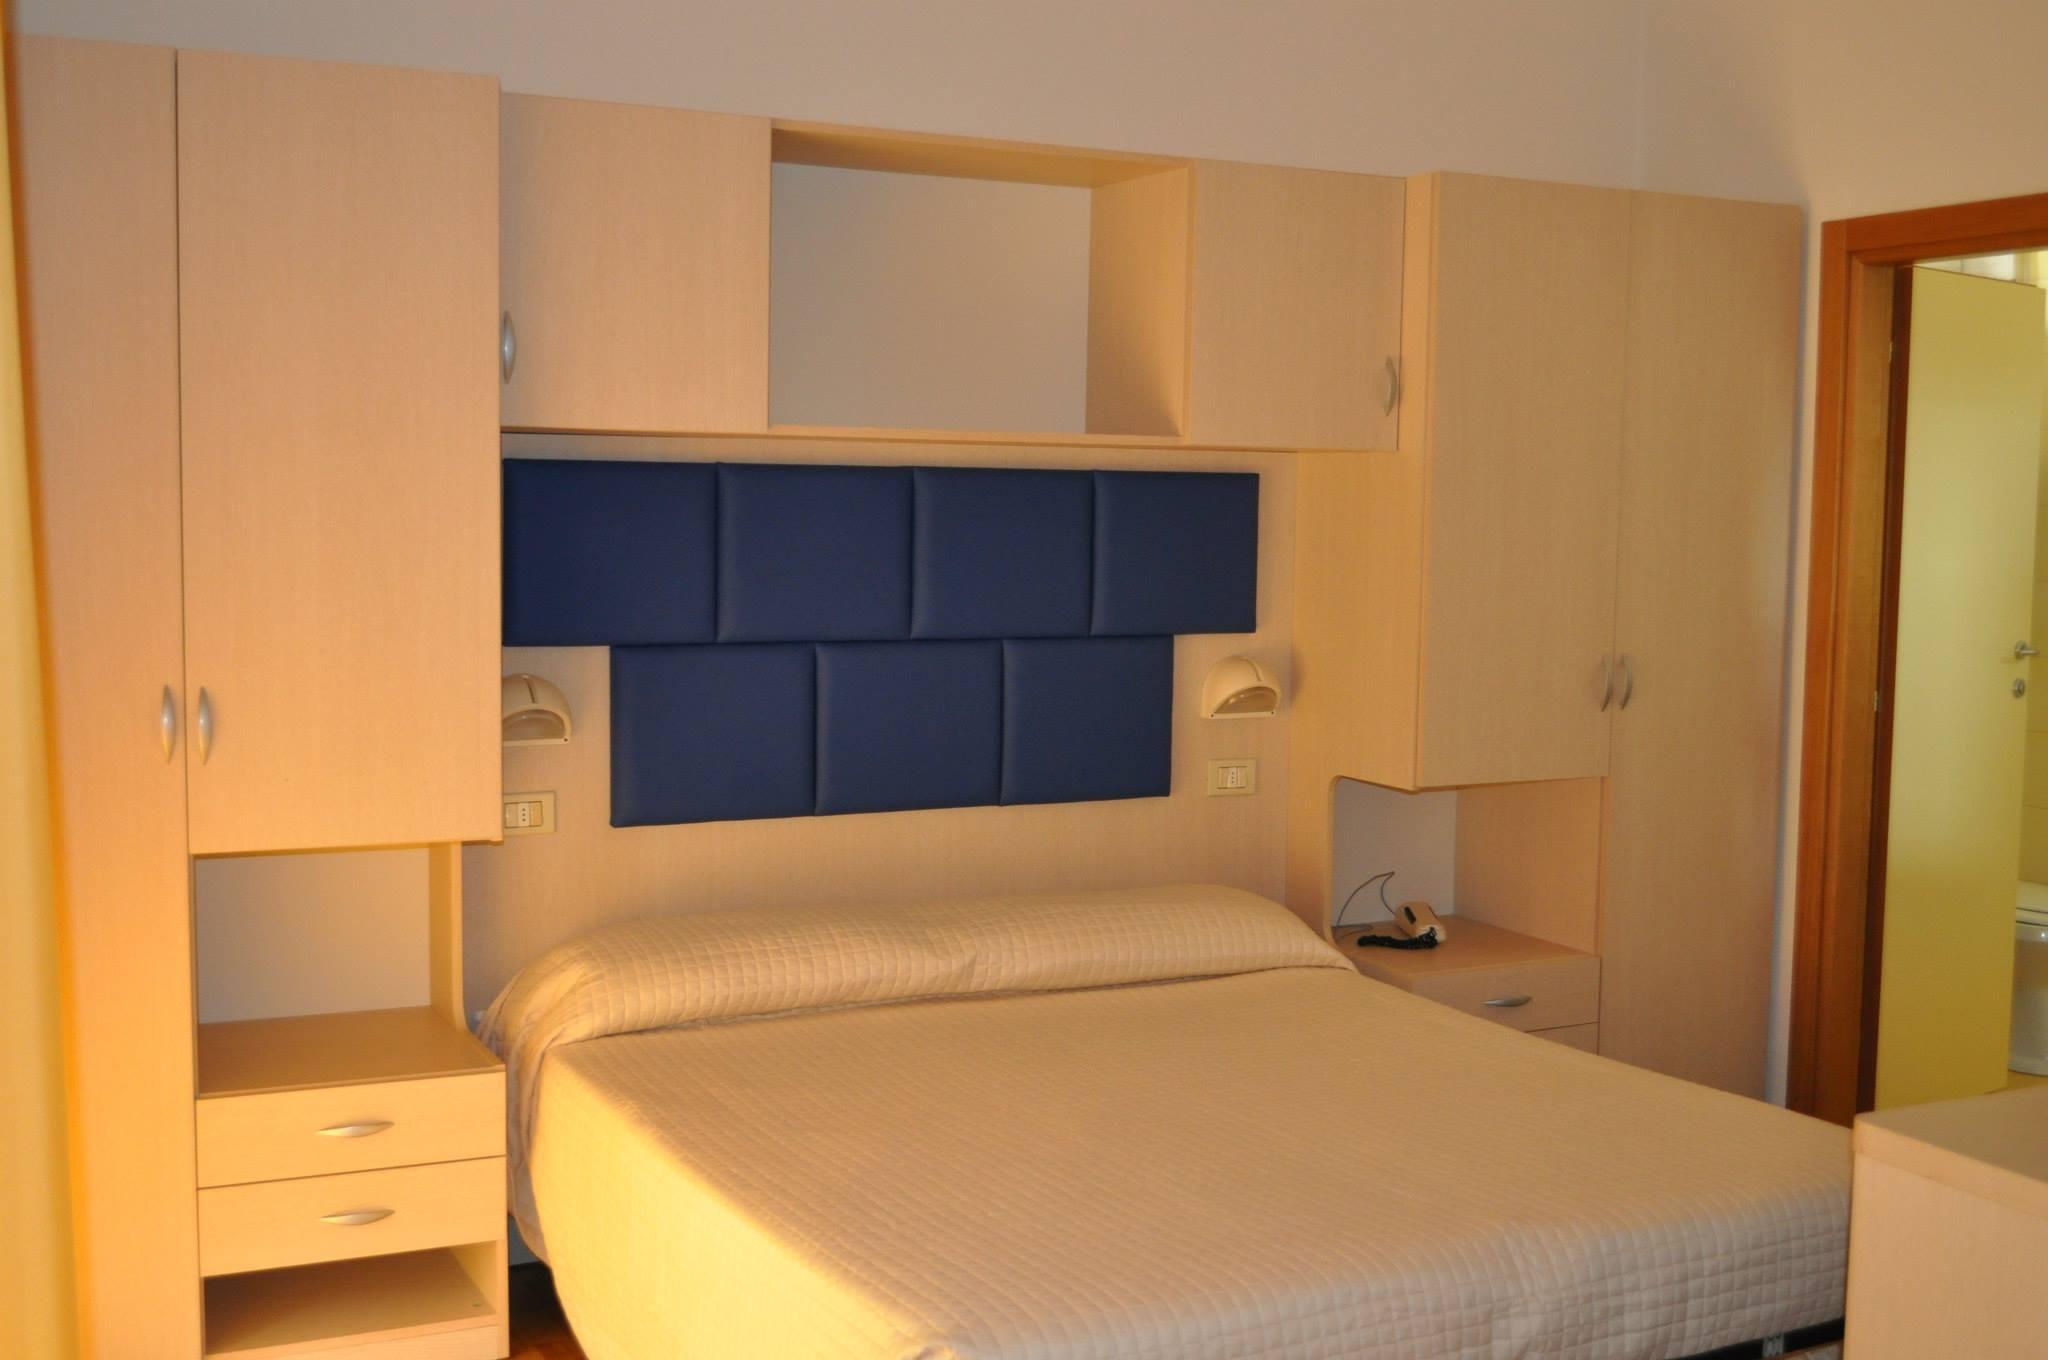 Una camera dell'hotel Stresa di Rimini